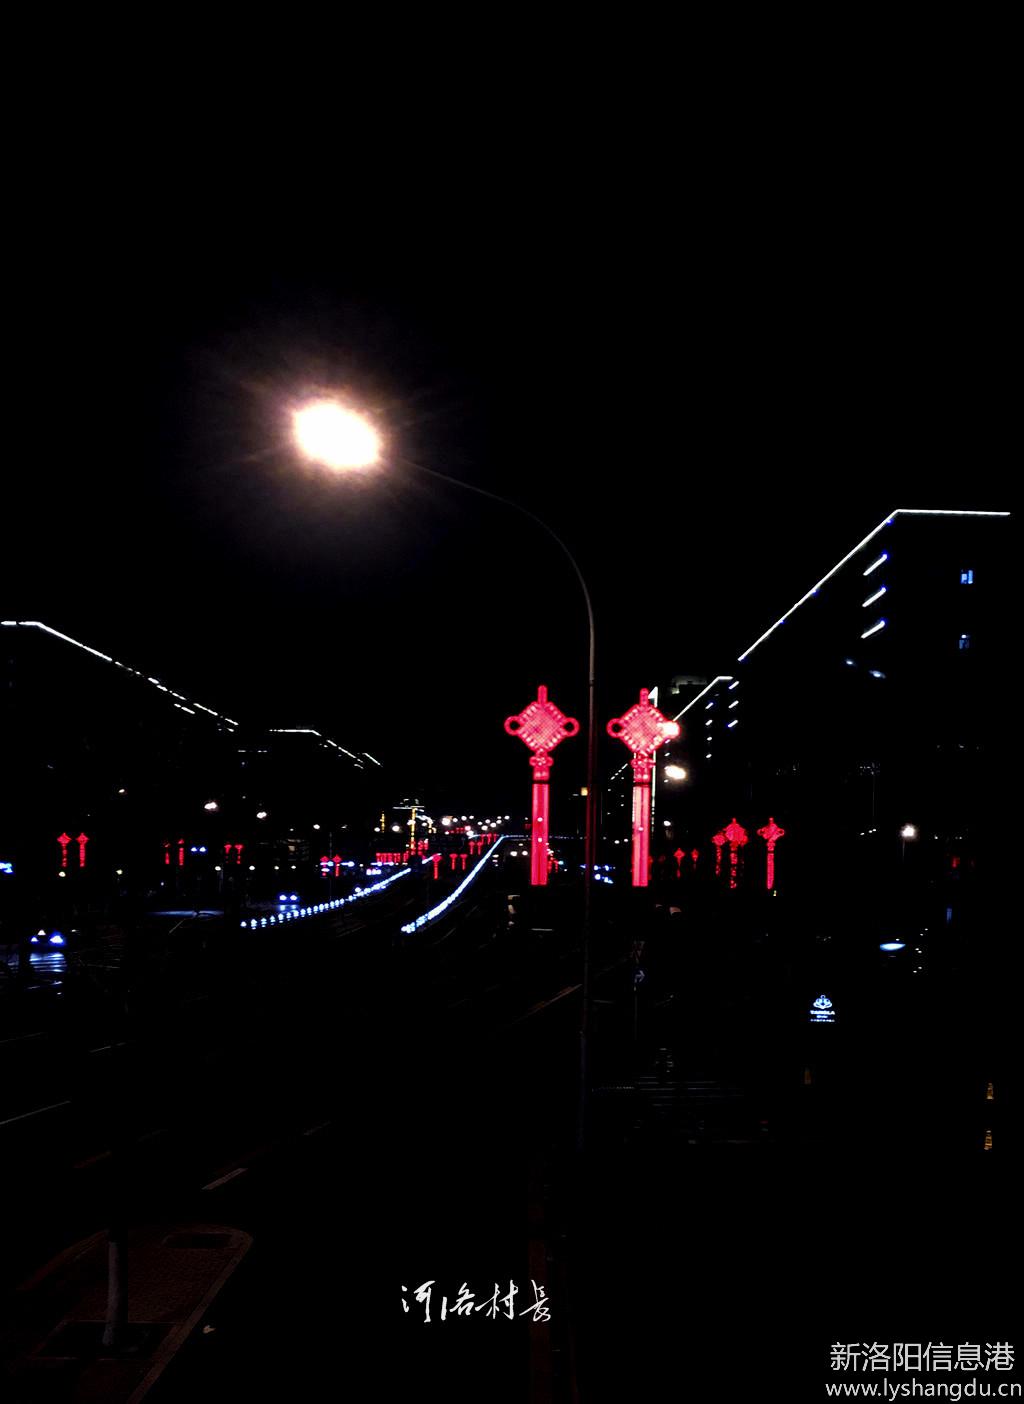 洛城夜色景逸